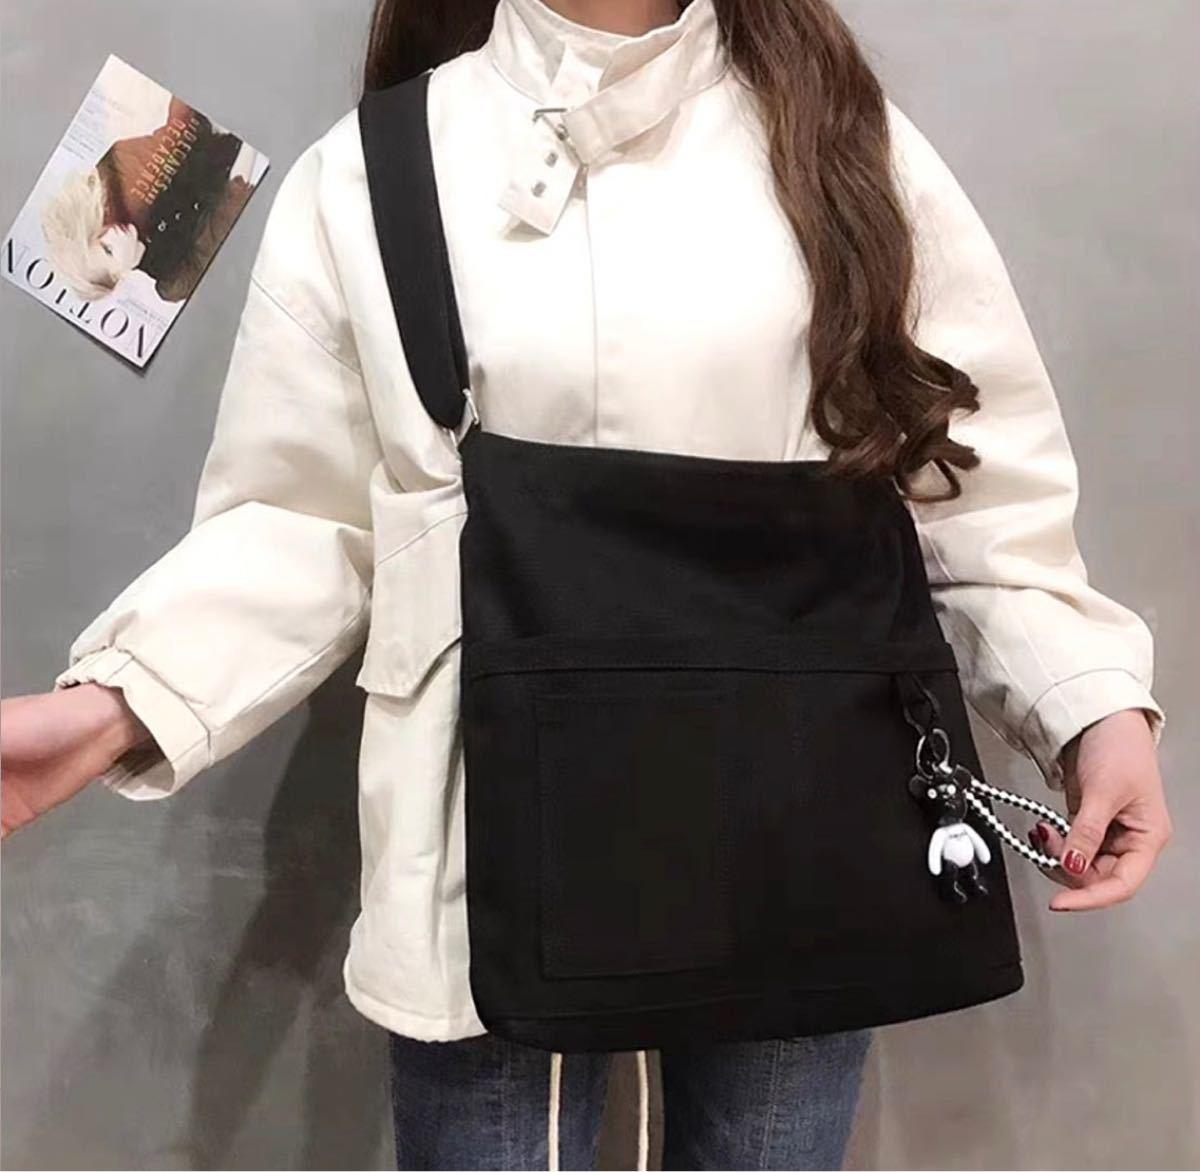 ショルダーバッグ キャンパストートバッグ サブバッグ 帆布バッグ ブラック 万能 韓国 ファッション 新品未使用